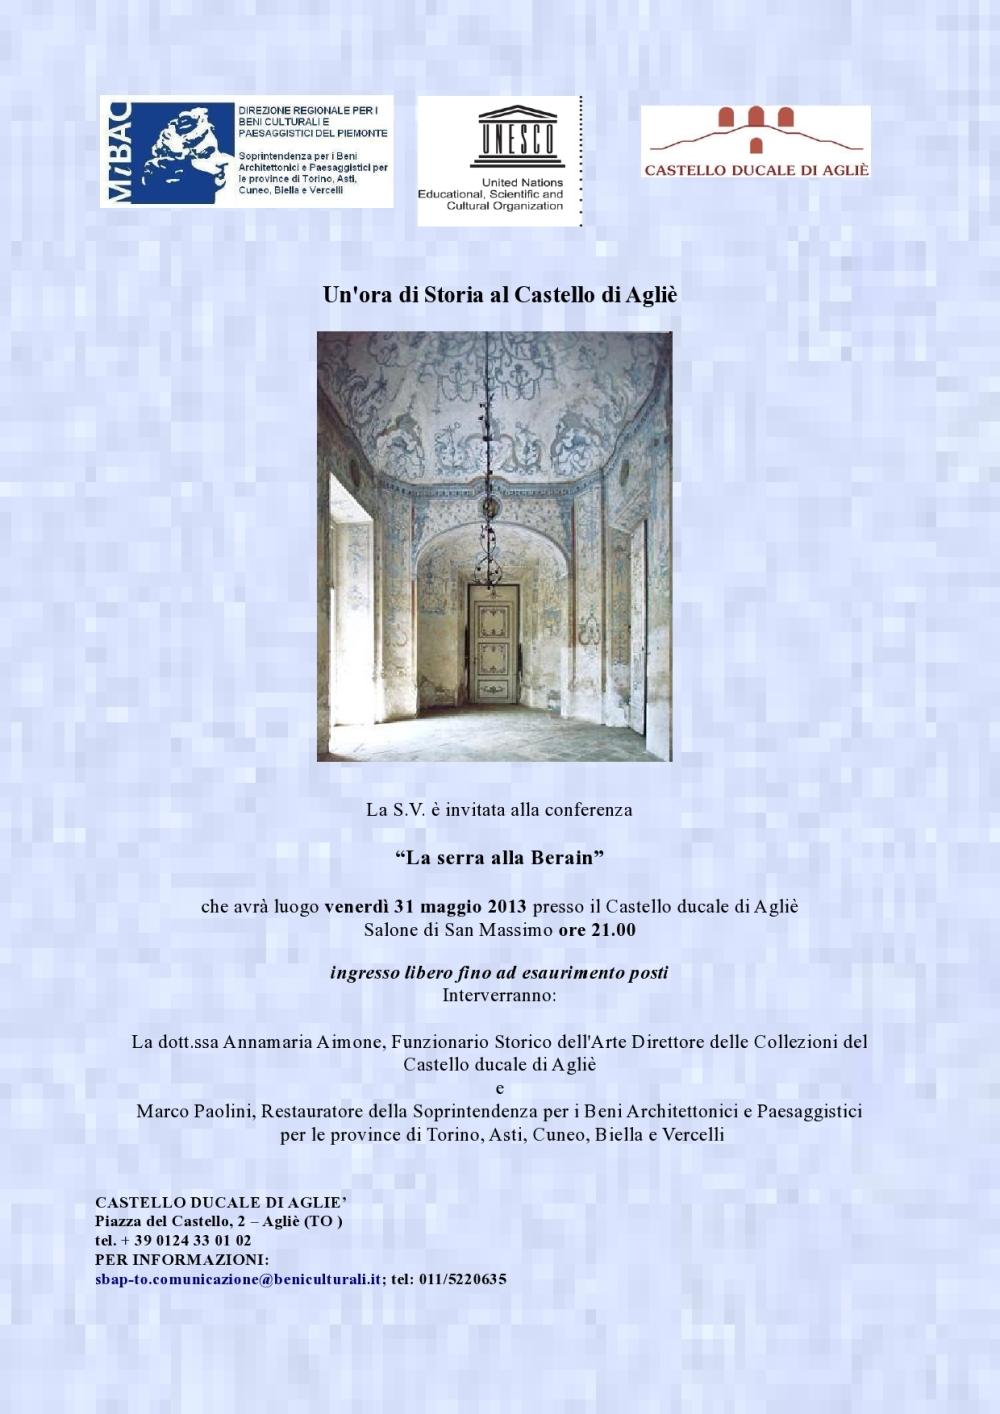 Invito Conferenza Serra Berain-page0001